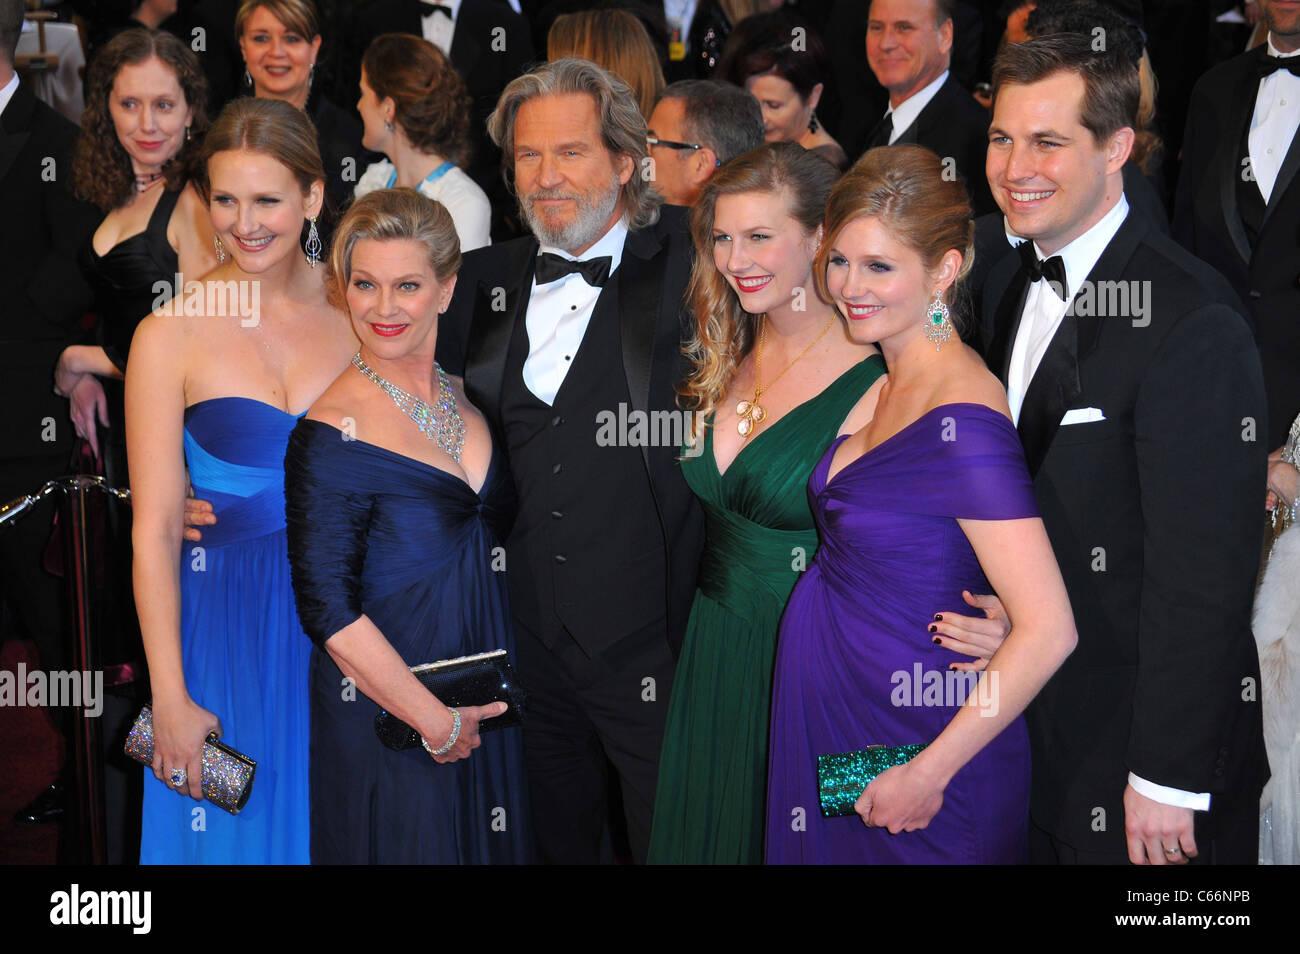 Jeff Bridges (C), Wife Susan Bridges (2nd L), Family at ...